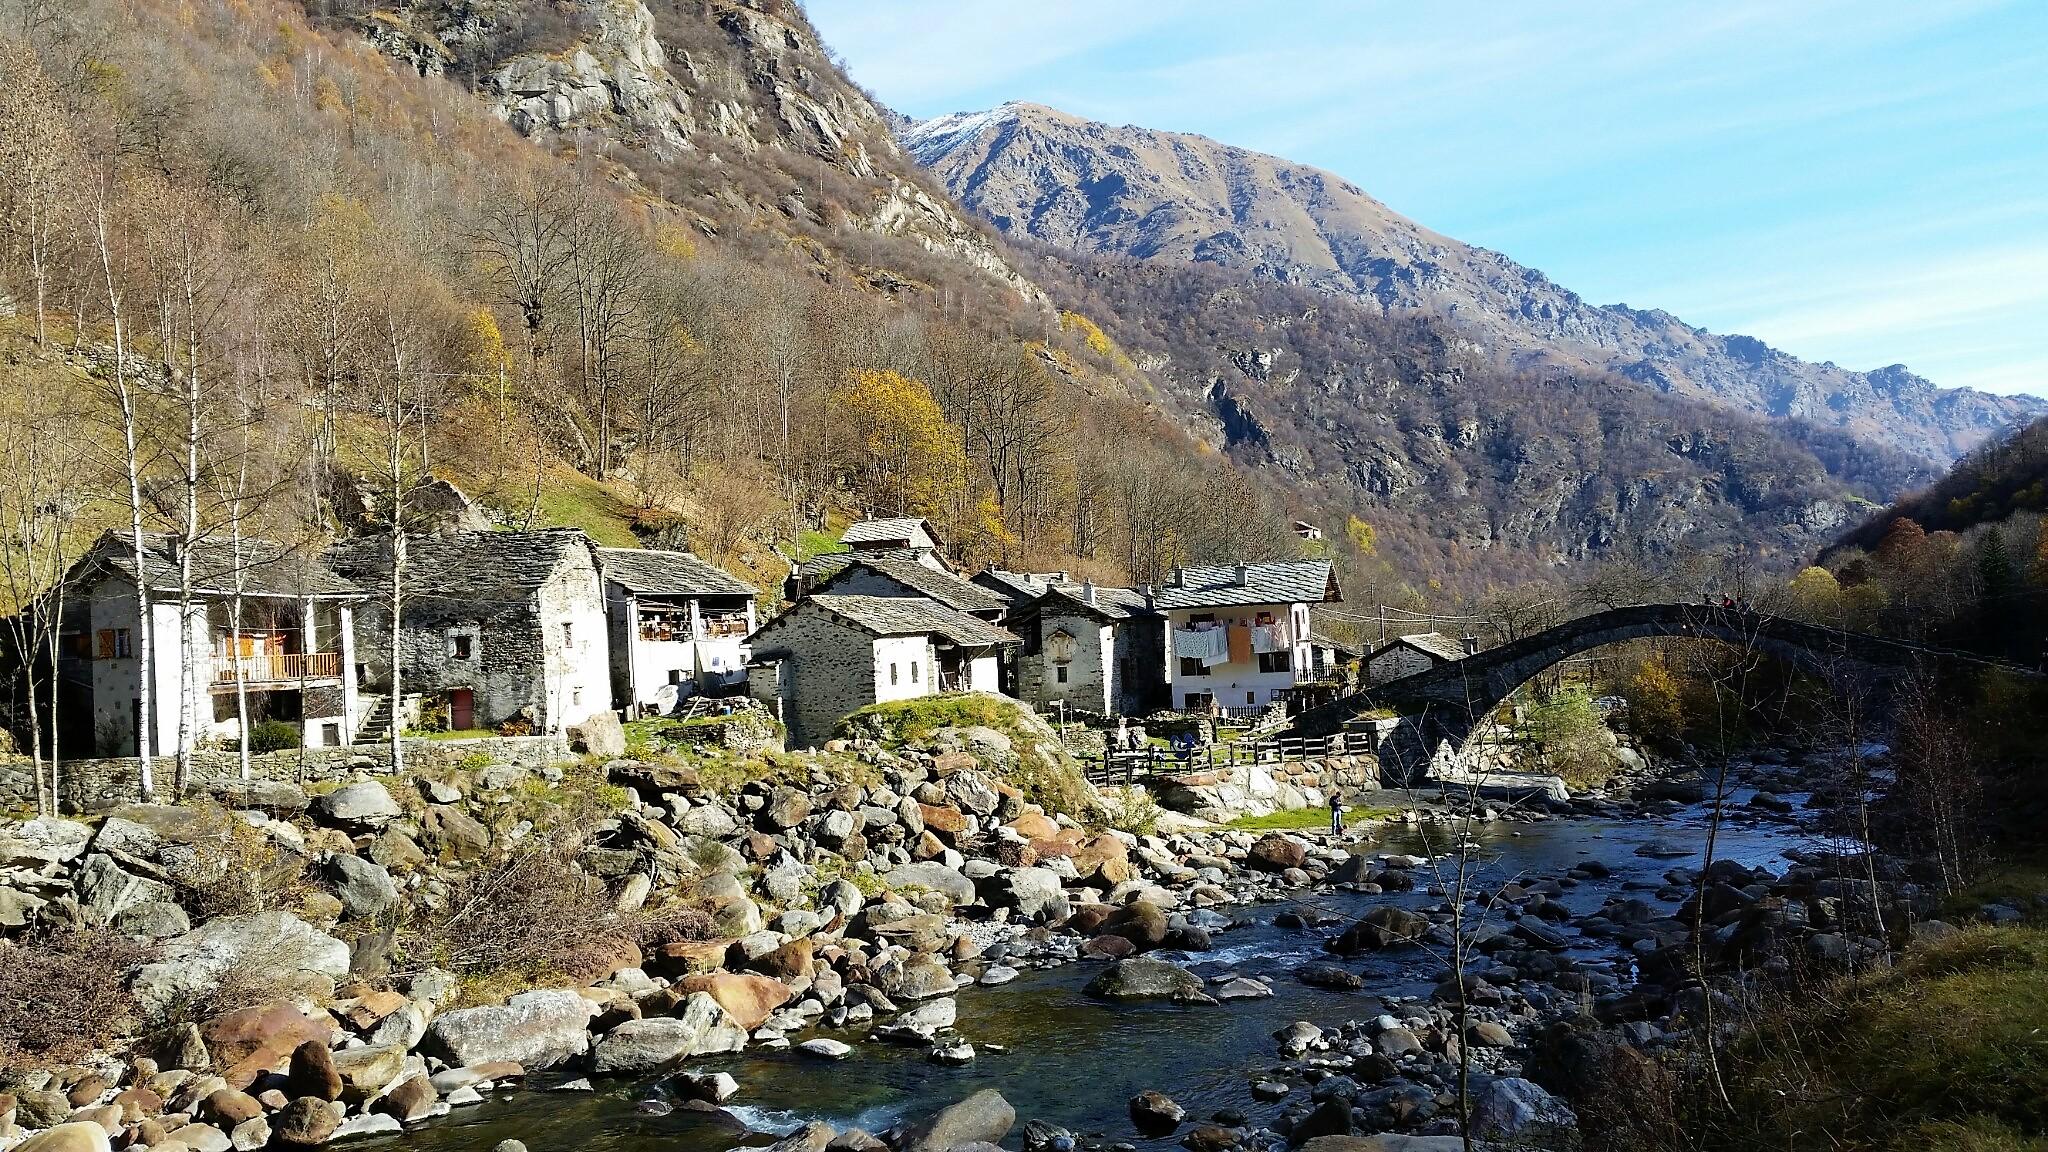 Architettura montana in Valchiusella - I parte